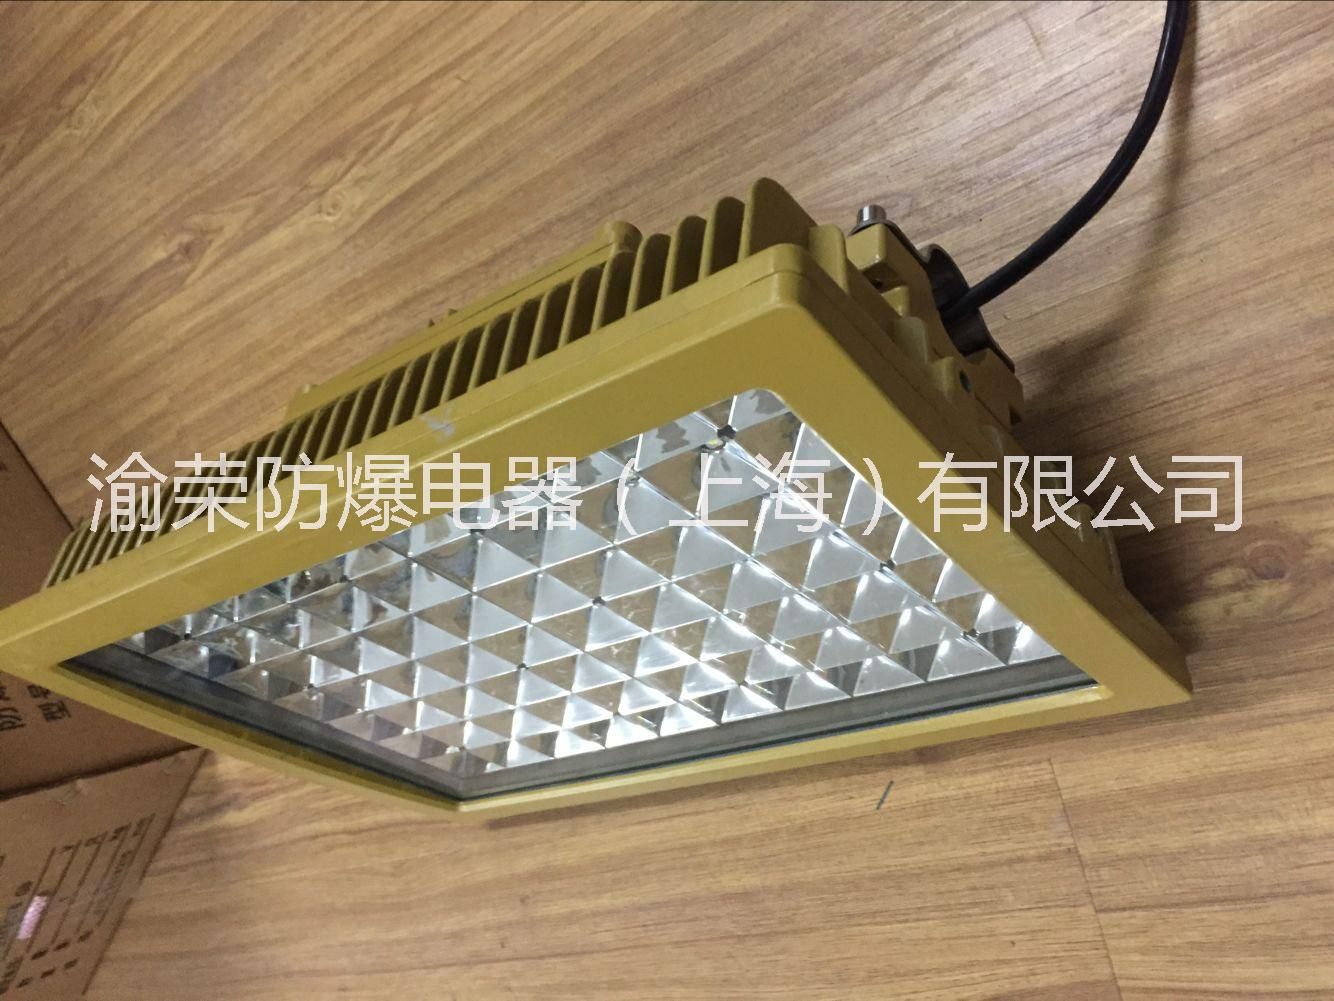 供应上海大功率LED防爆灯价格 大功率LED防爆灯具特价